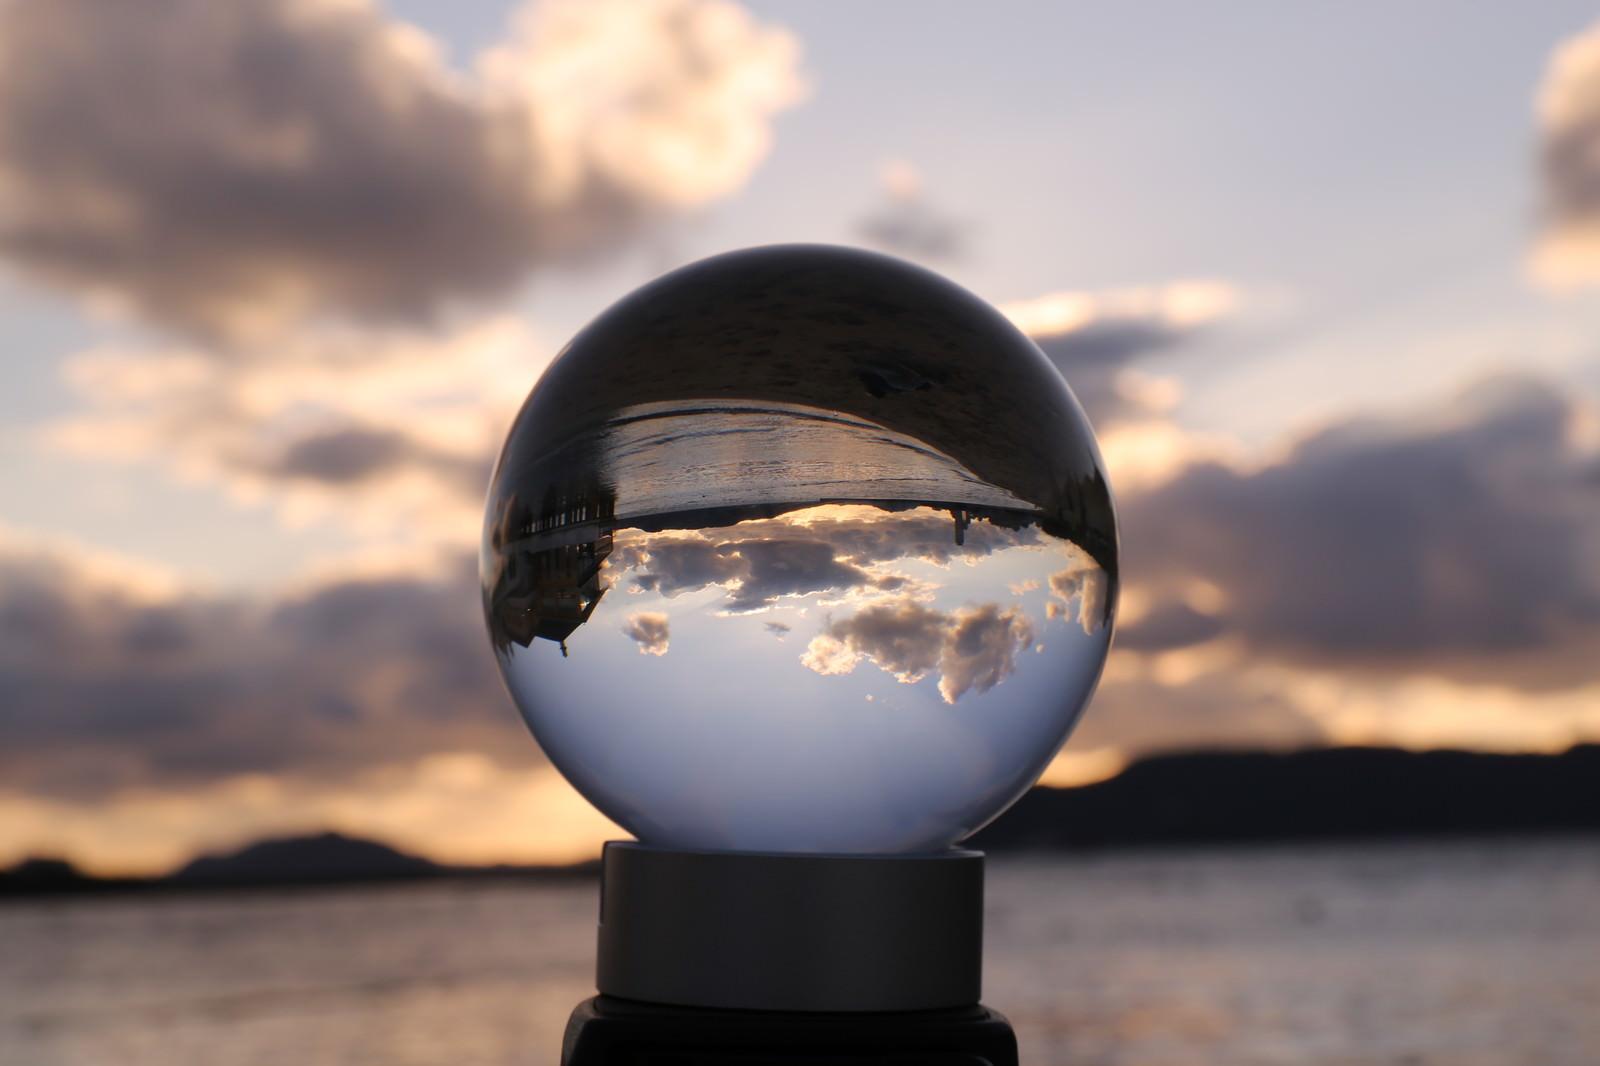 「ガラス玉の中の静寂な海」の写真